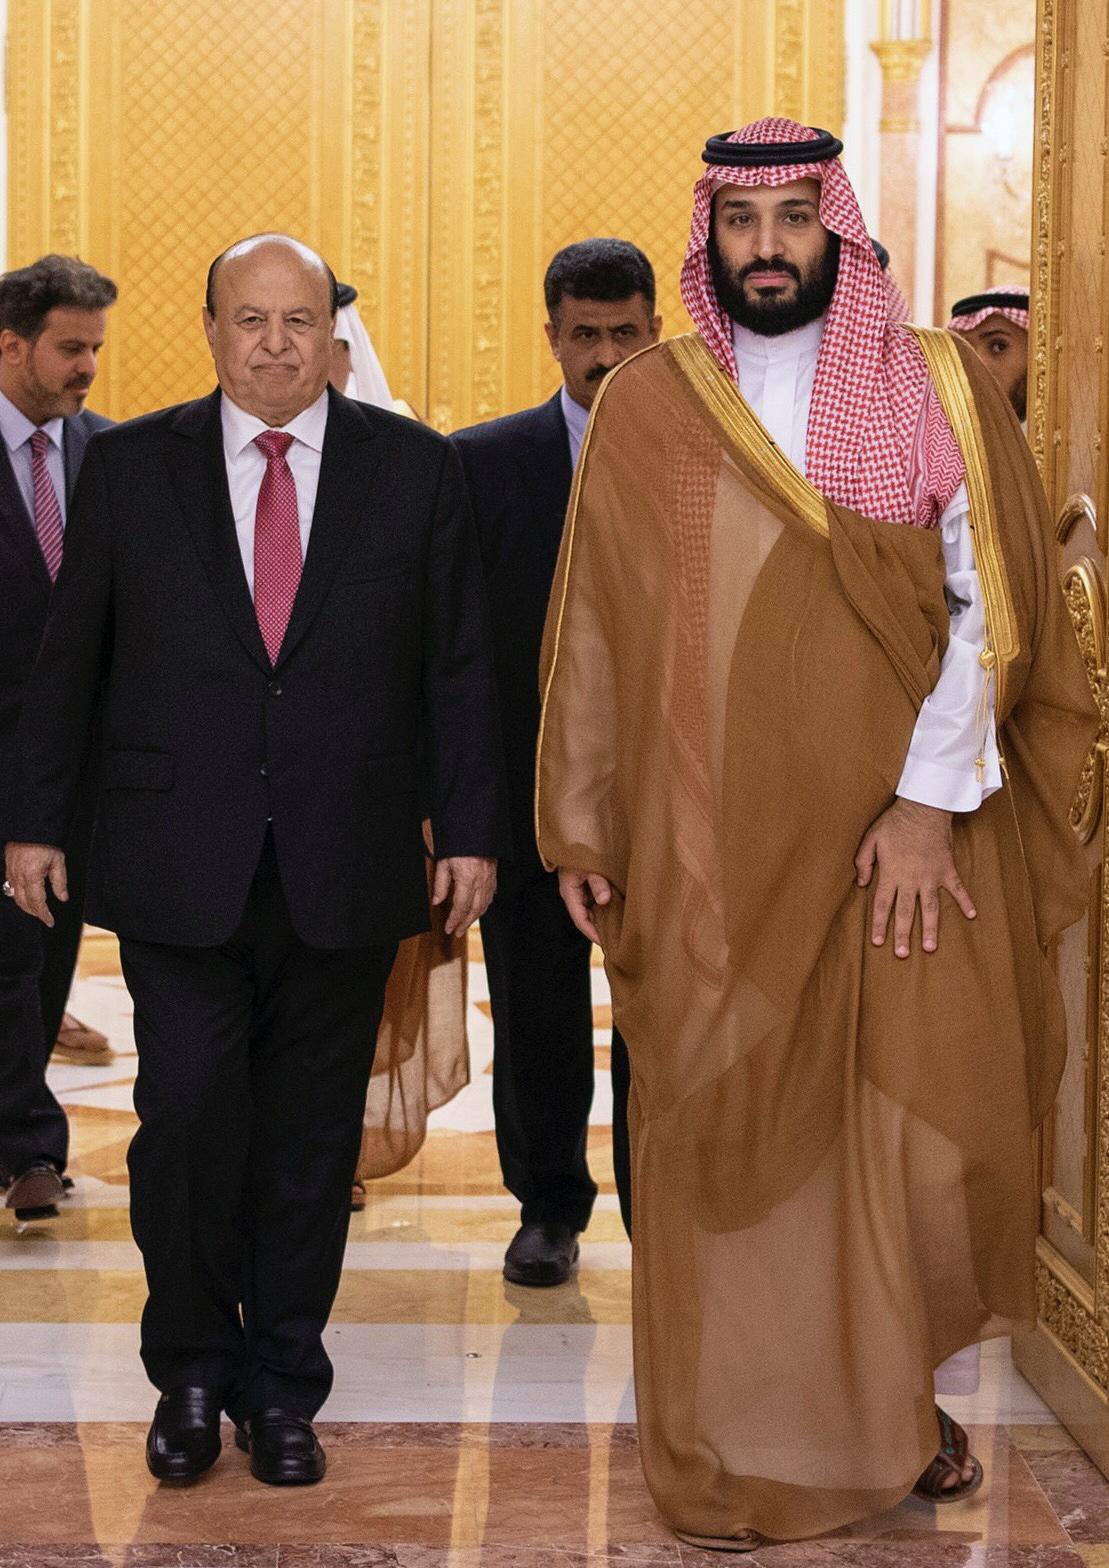 صحيفة يمنية: ولي العهد السعودي يوجه رسالة مهينة لهادي بسبب موقفه من التحركات الإماراتية